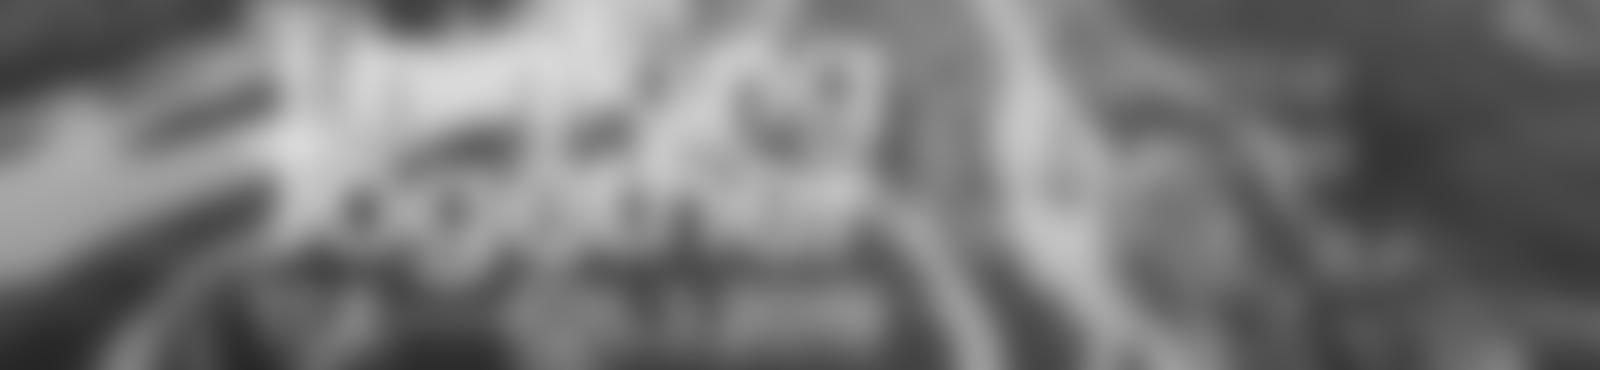 Blurred 1d6ff124 7c95 4dc1 836d b31c85a091ab